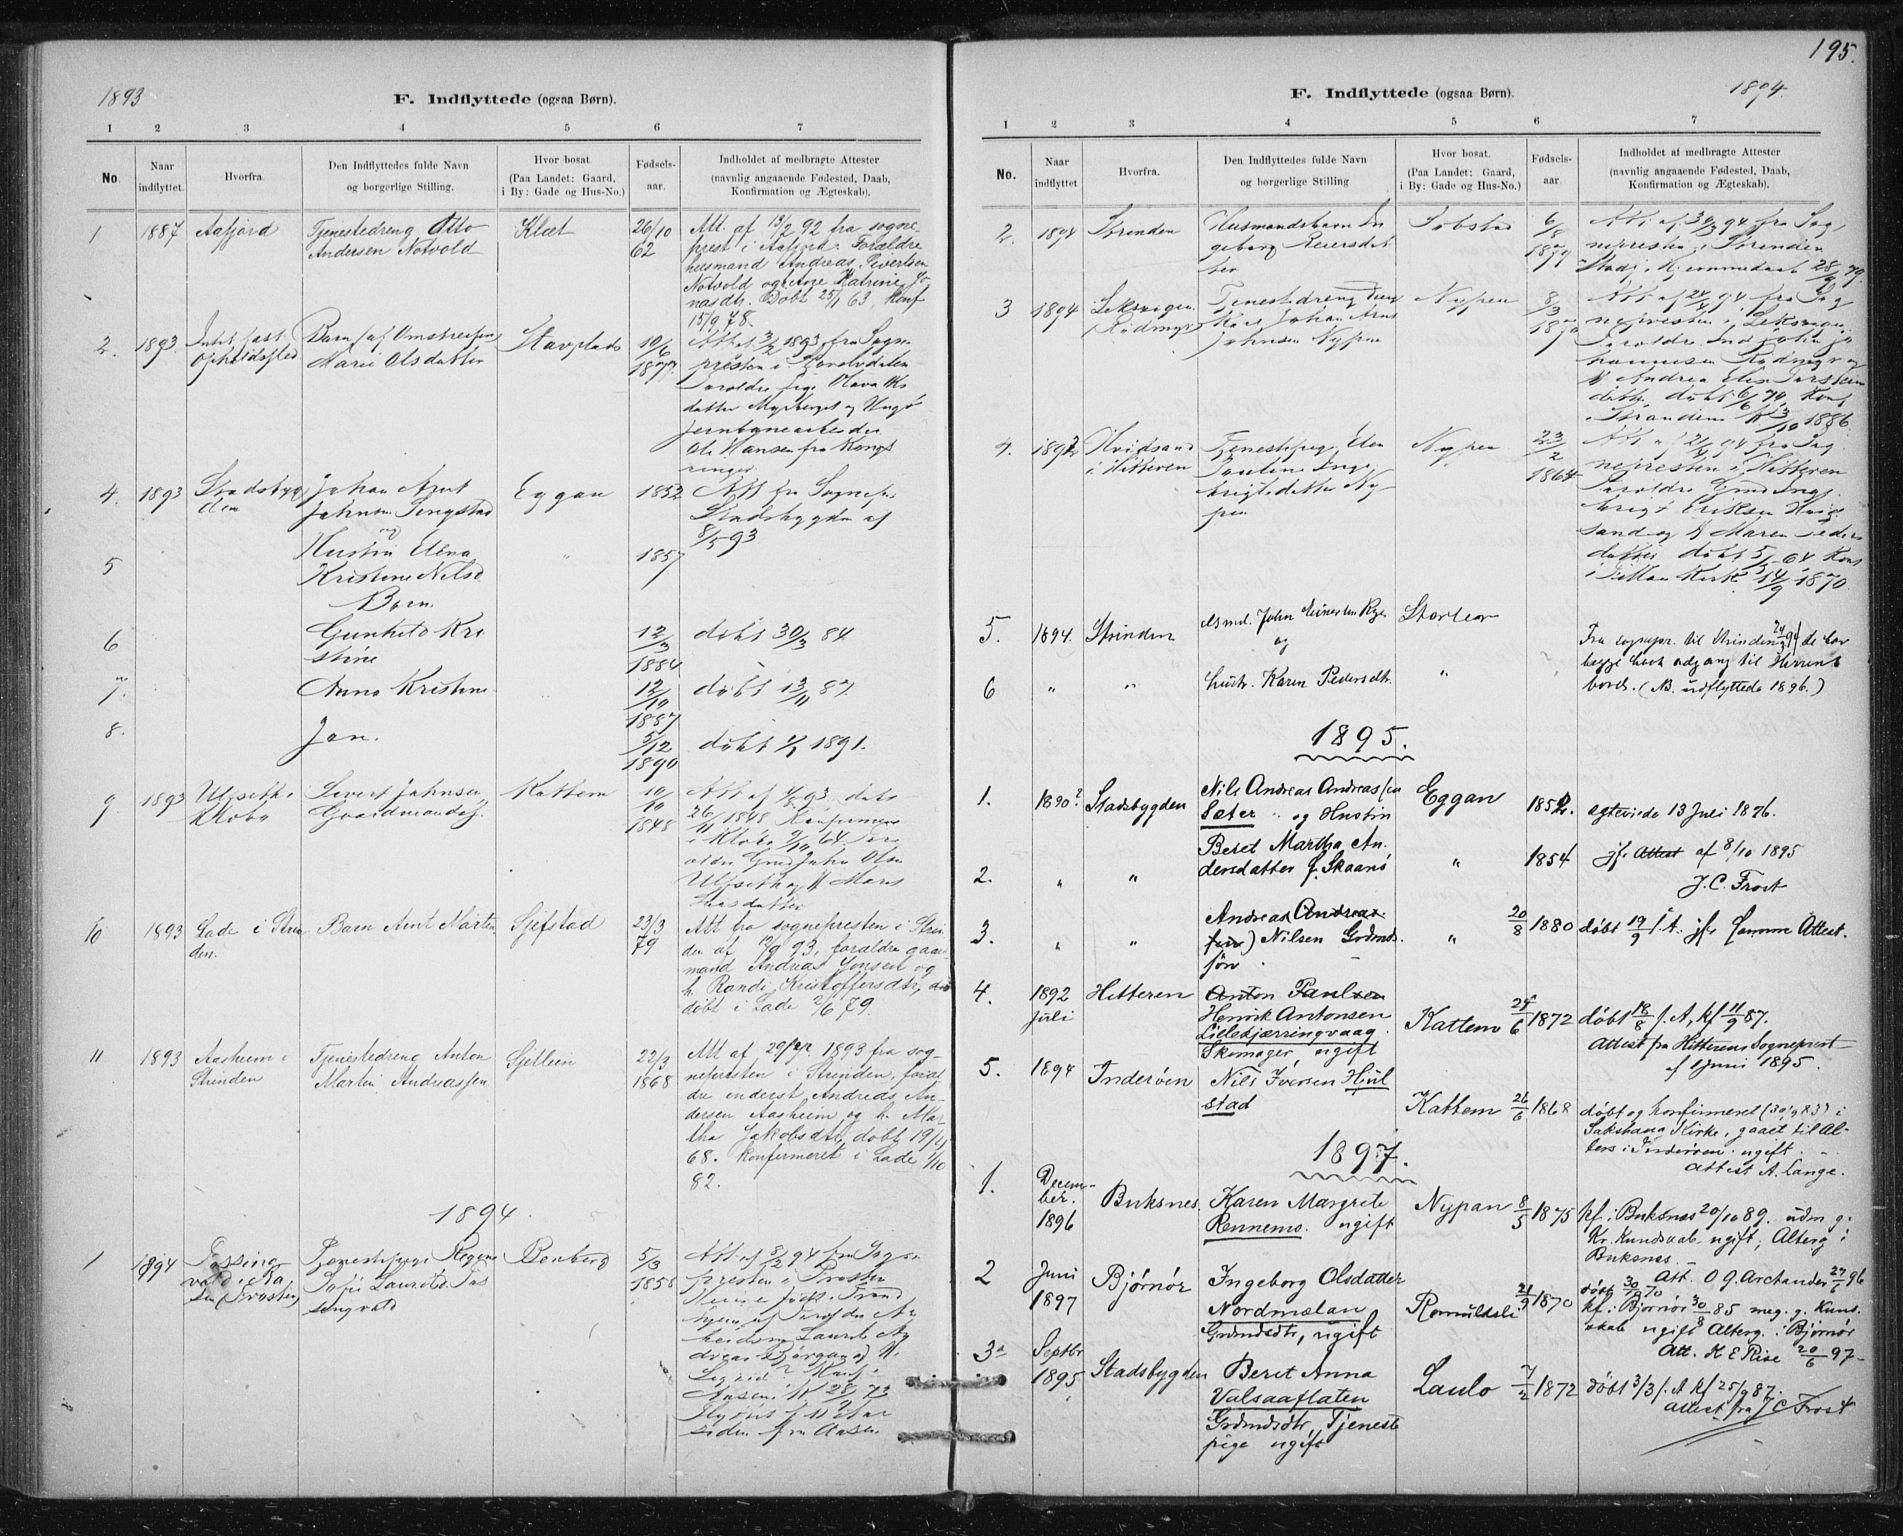 SAT, Ministerialprotokoller, klokkerbøker og fødselsregistre - Sør-Trøndelag, 613/L0392: Ministerialbok nr. 613A01, 1887-1906, s. 195